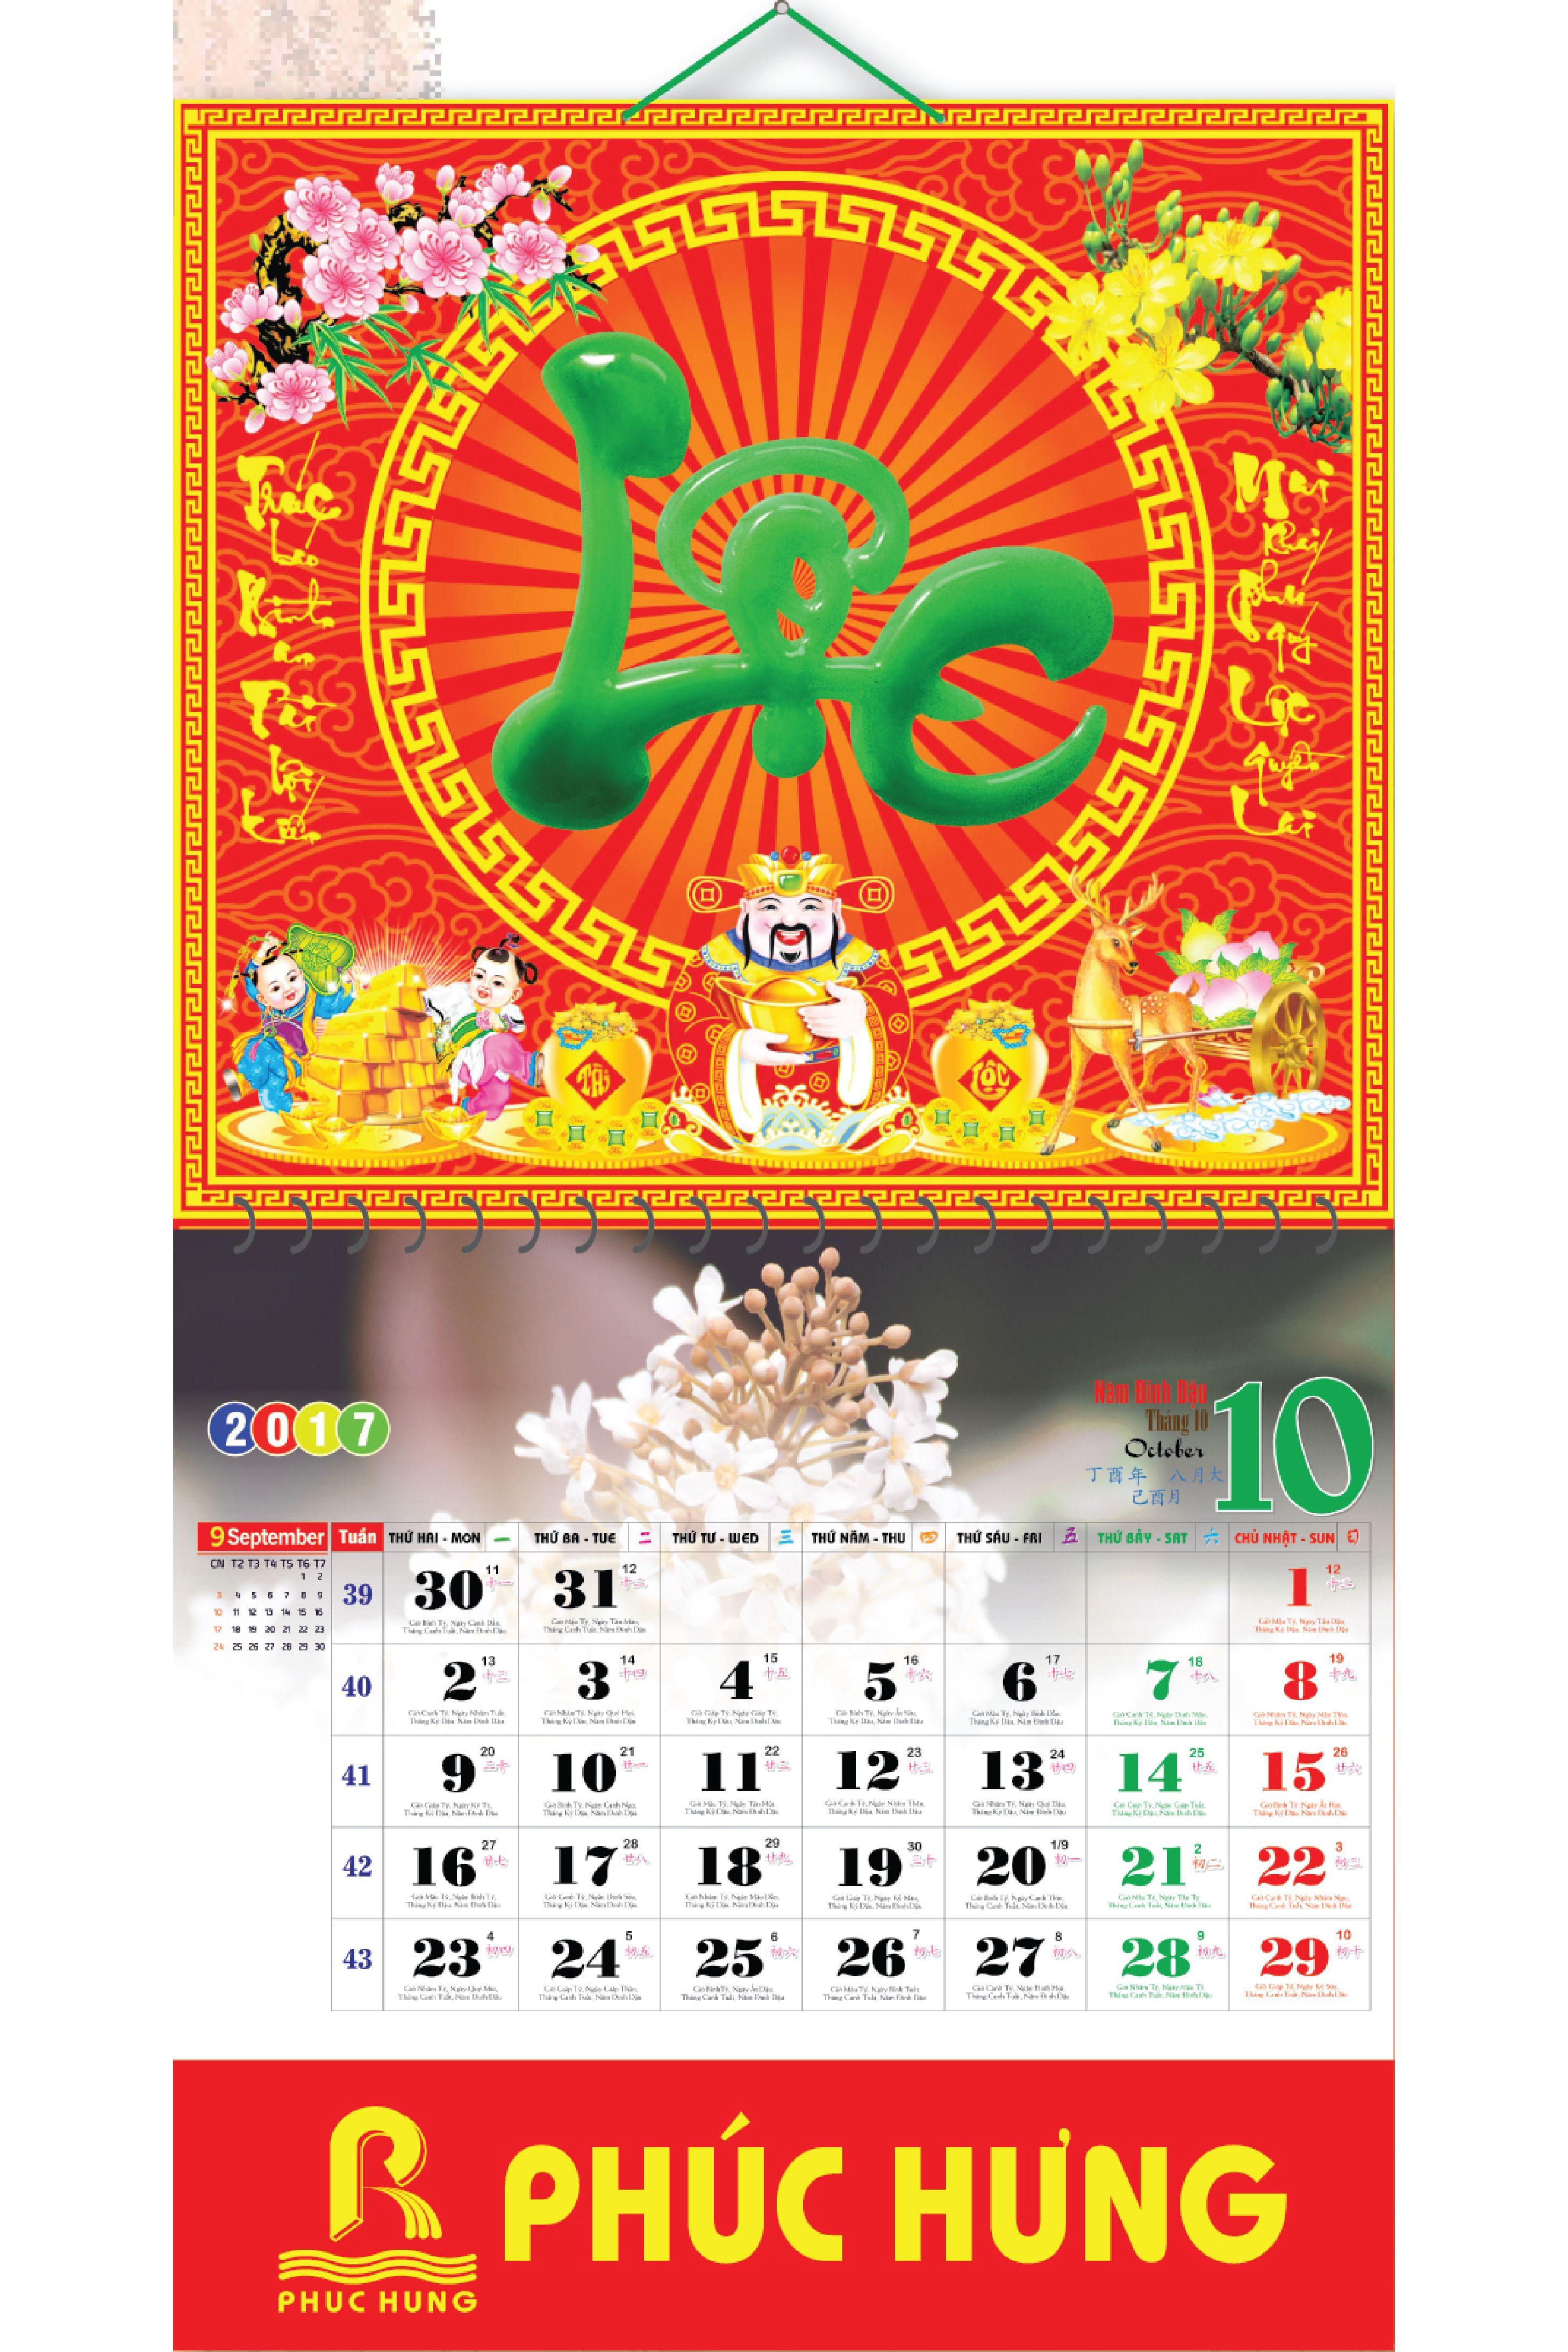 Bìa Treo Lịch Lò Xo Giữa Gắn Bộ Số Dán Nổi 2017 Chữ Lộc Cẩm Thạch KV.70 - EBOOK/PDF/PRC/EPUB